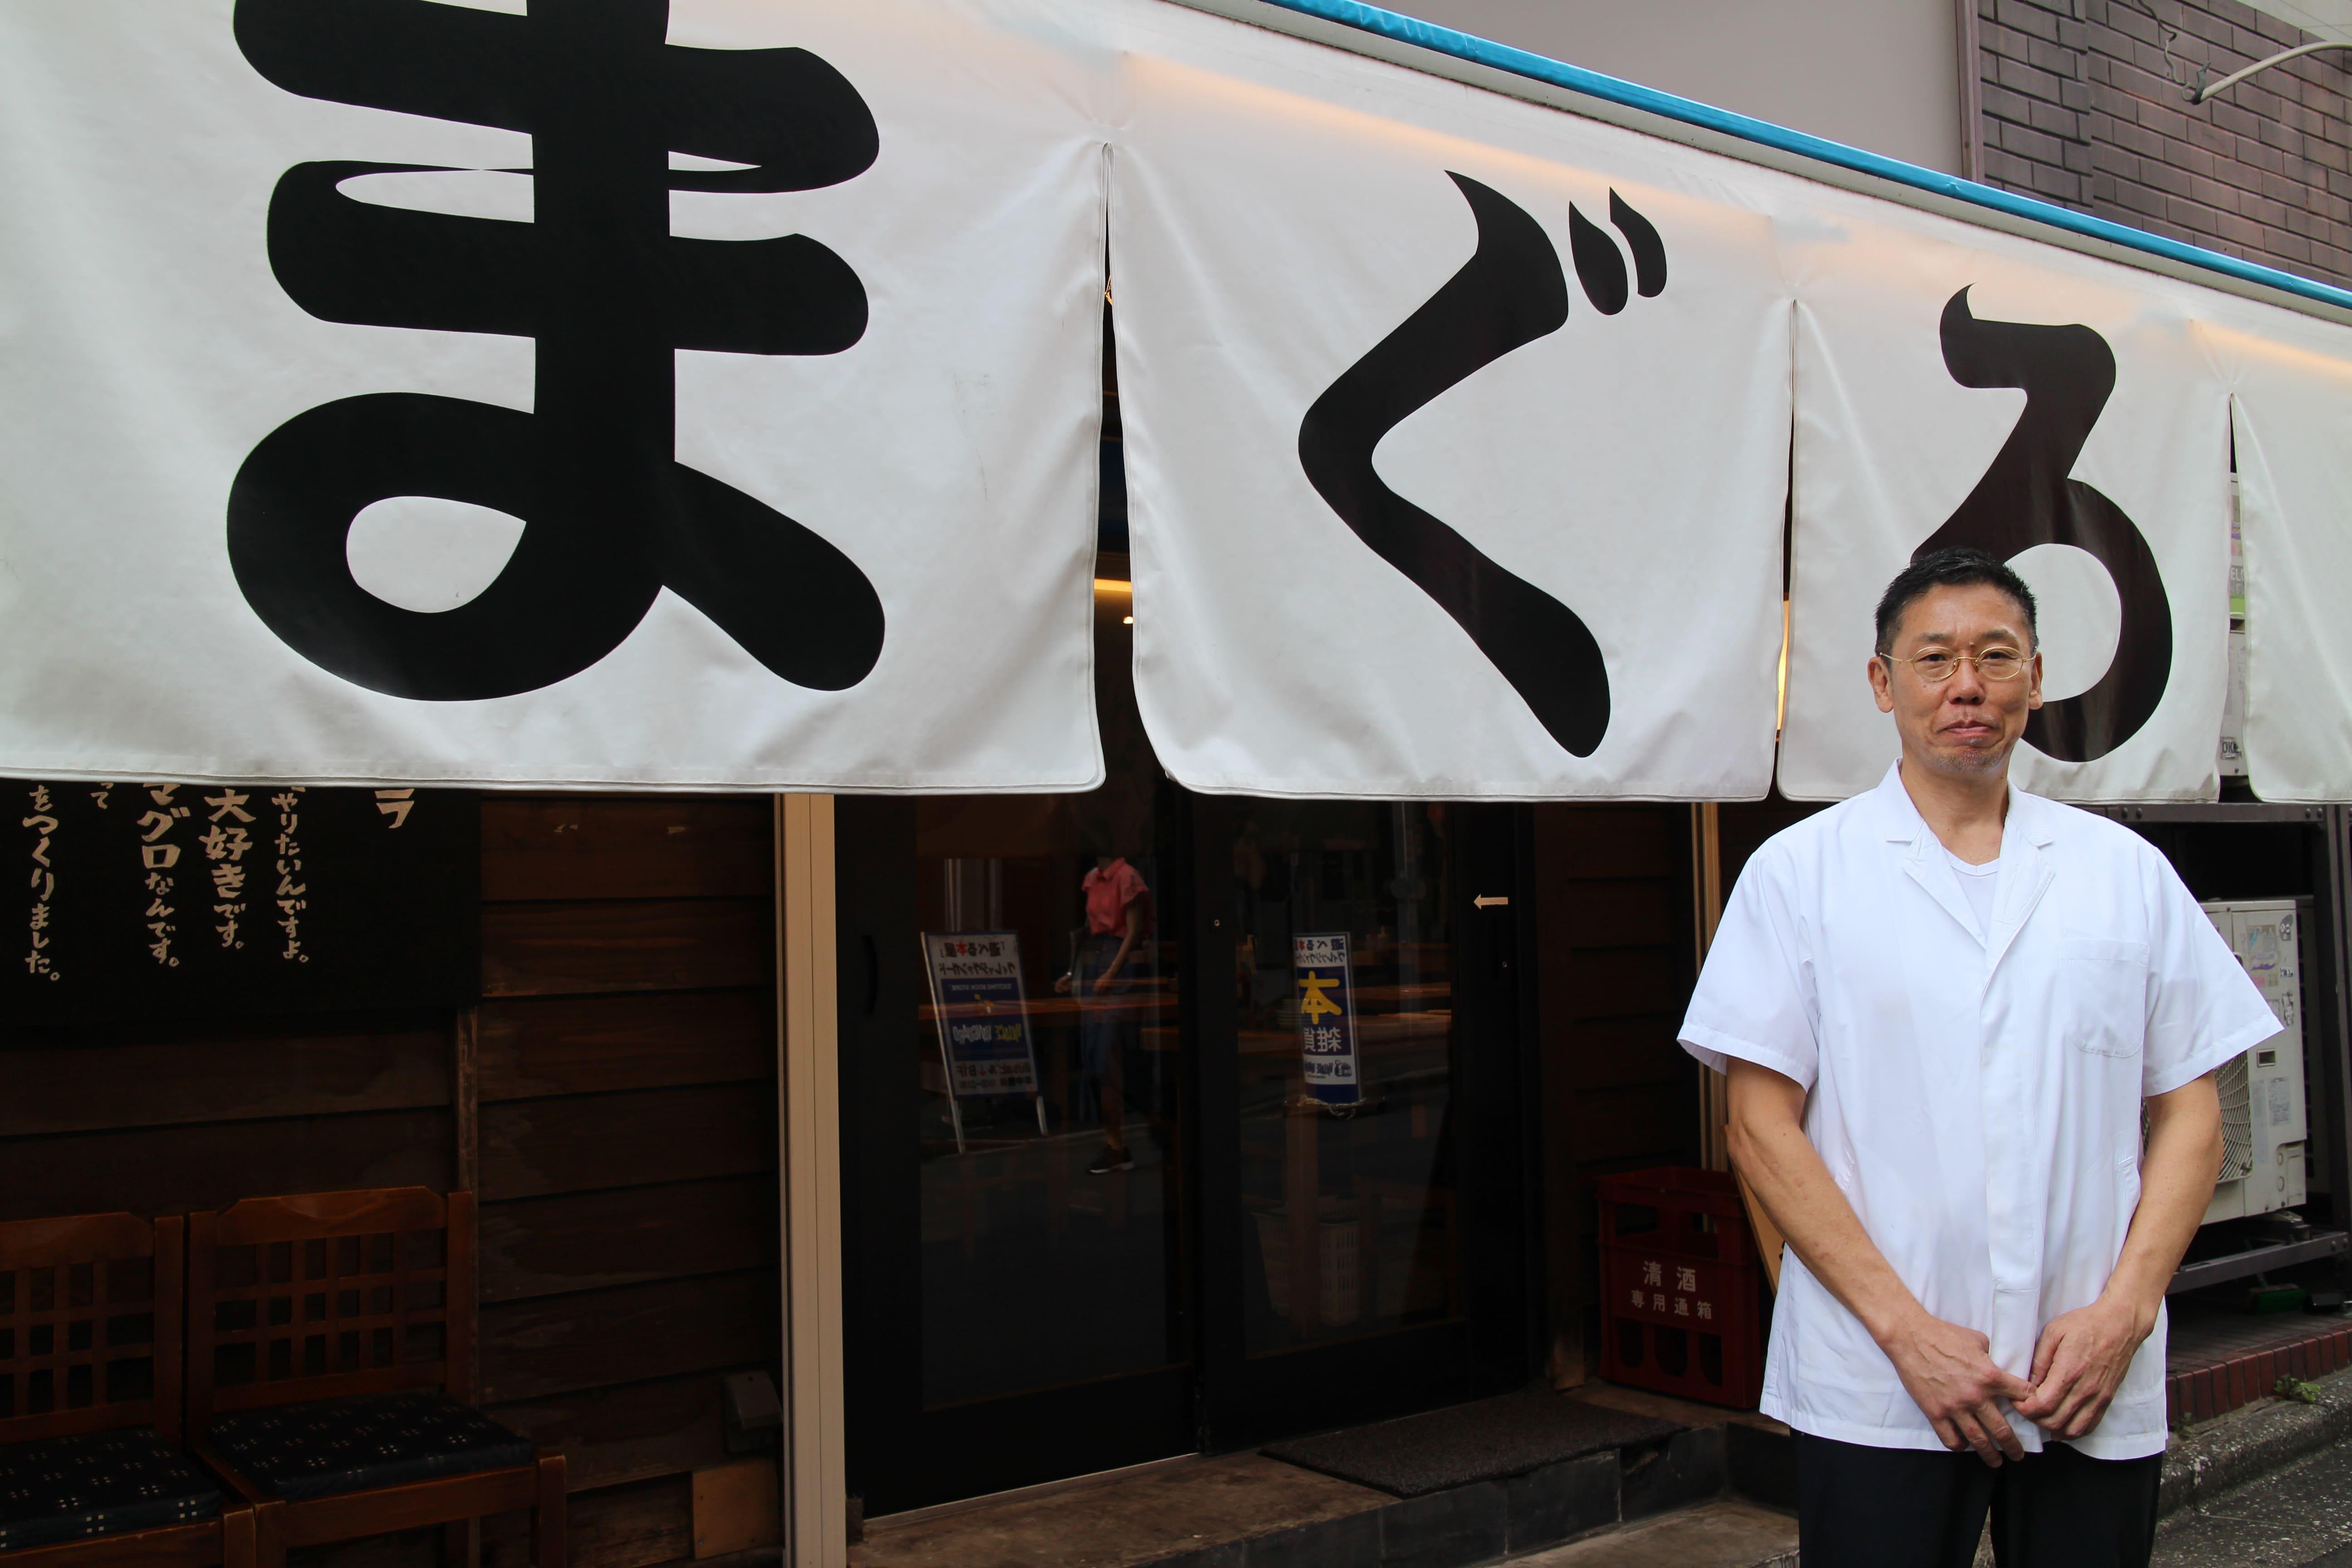 「鮪のシマハラ」を支える仲間たち③ 斉藤和洋